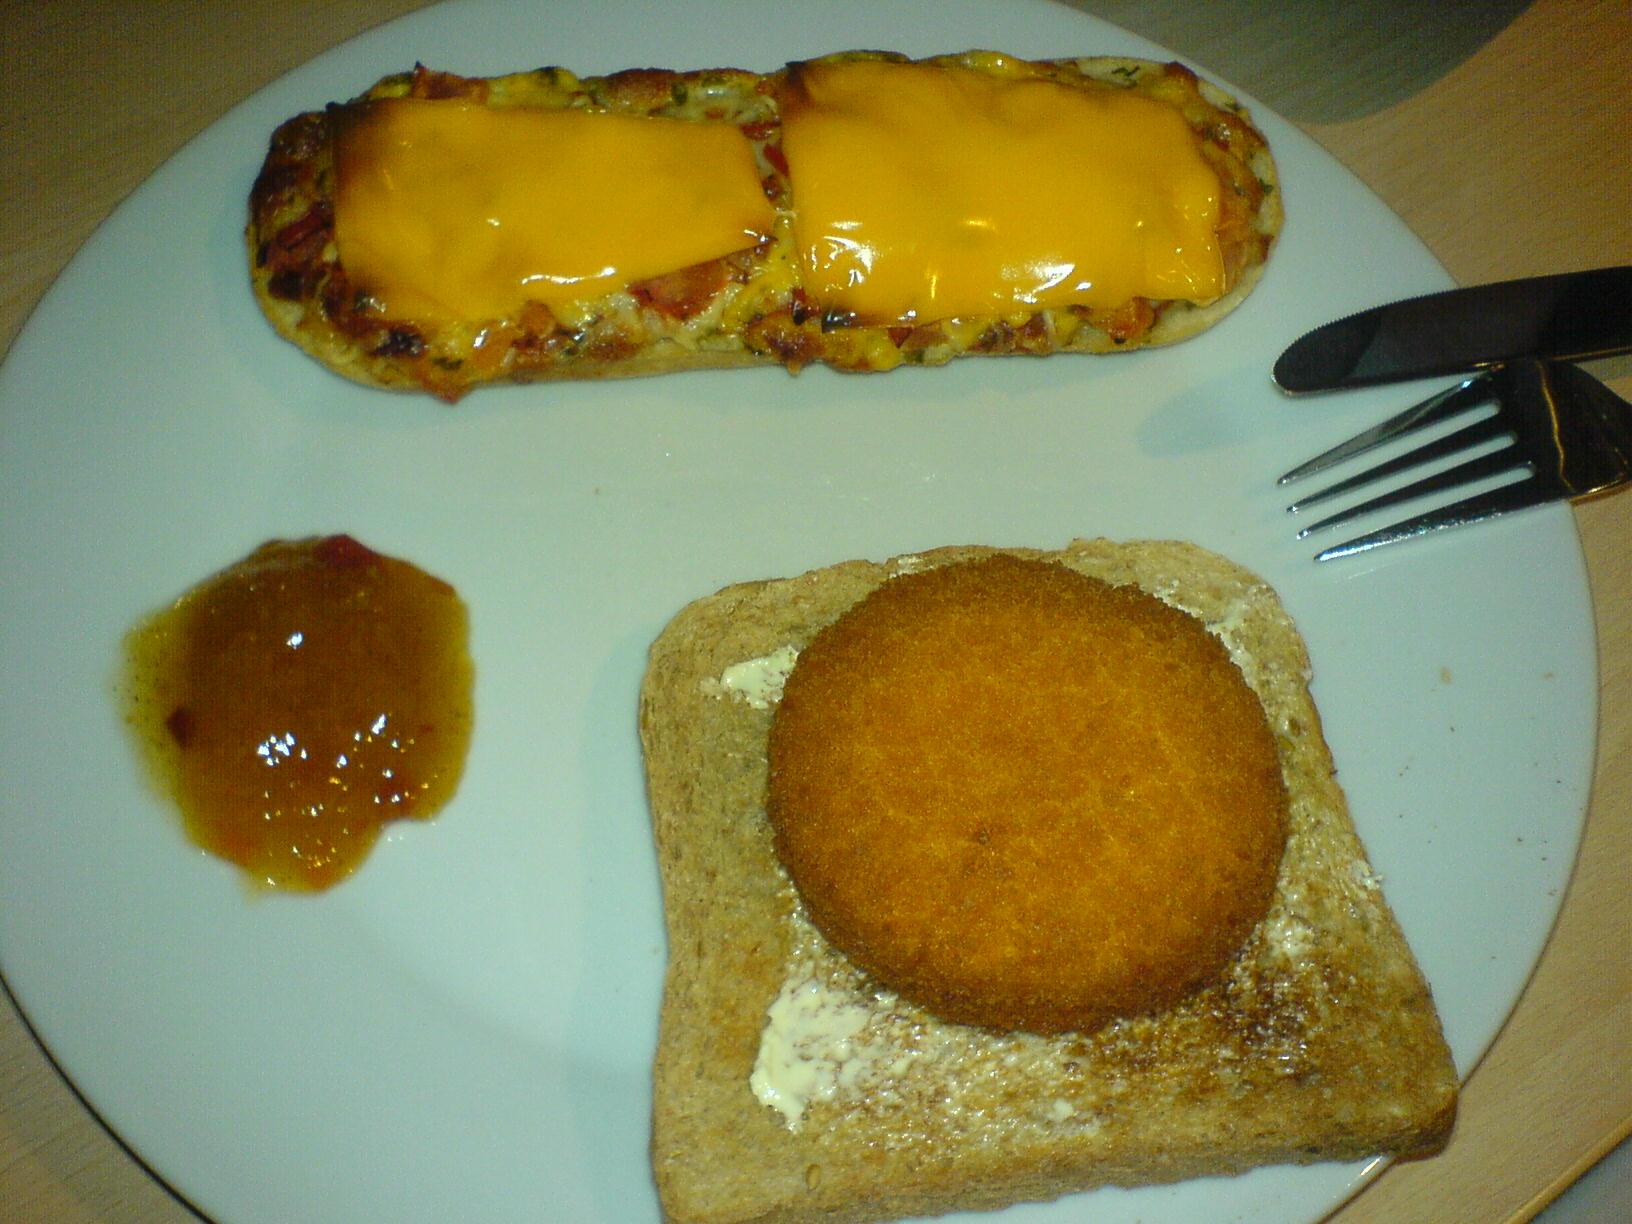 https://foodloader.net/Holz_2009-01-11_Bistro-Baguette_mit_Camembert_auf_Toast.jpg